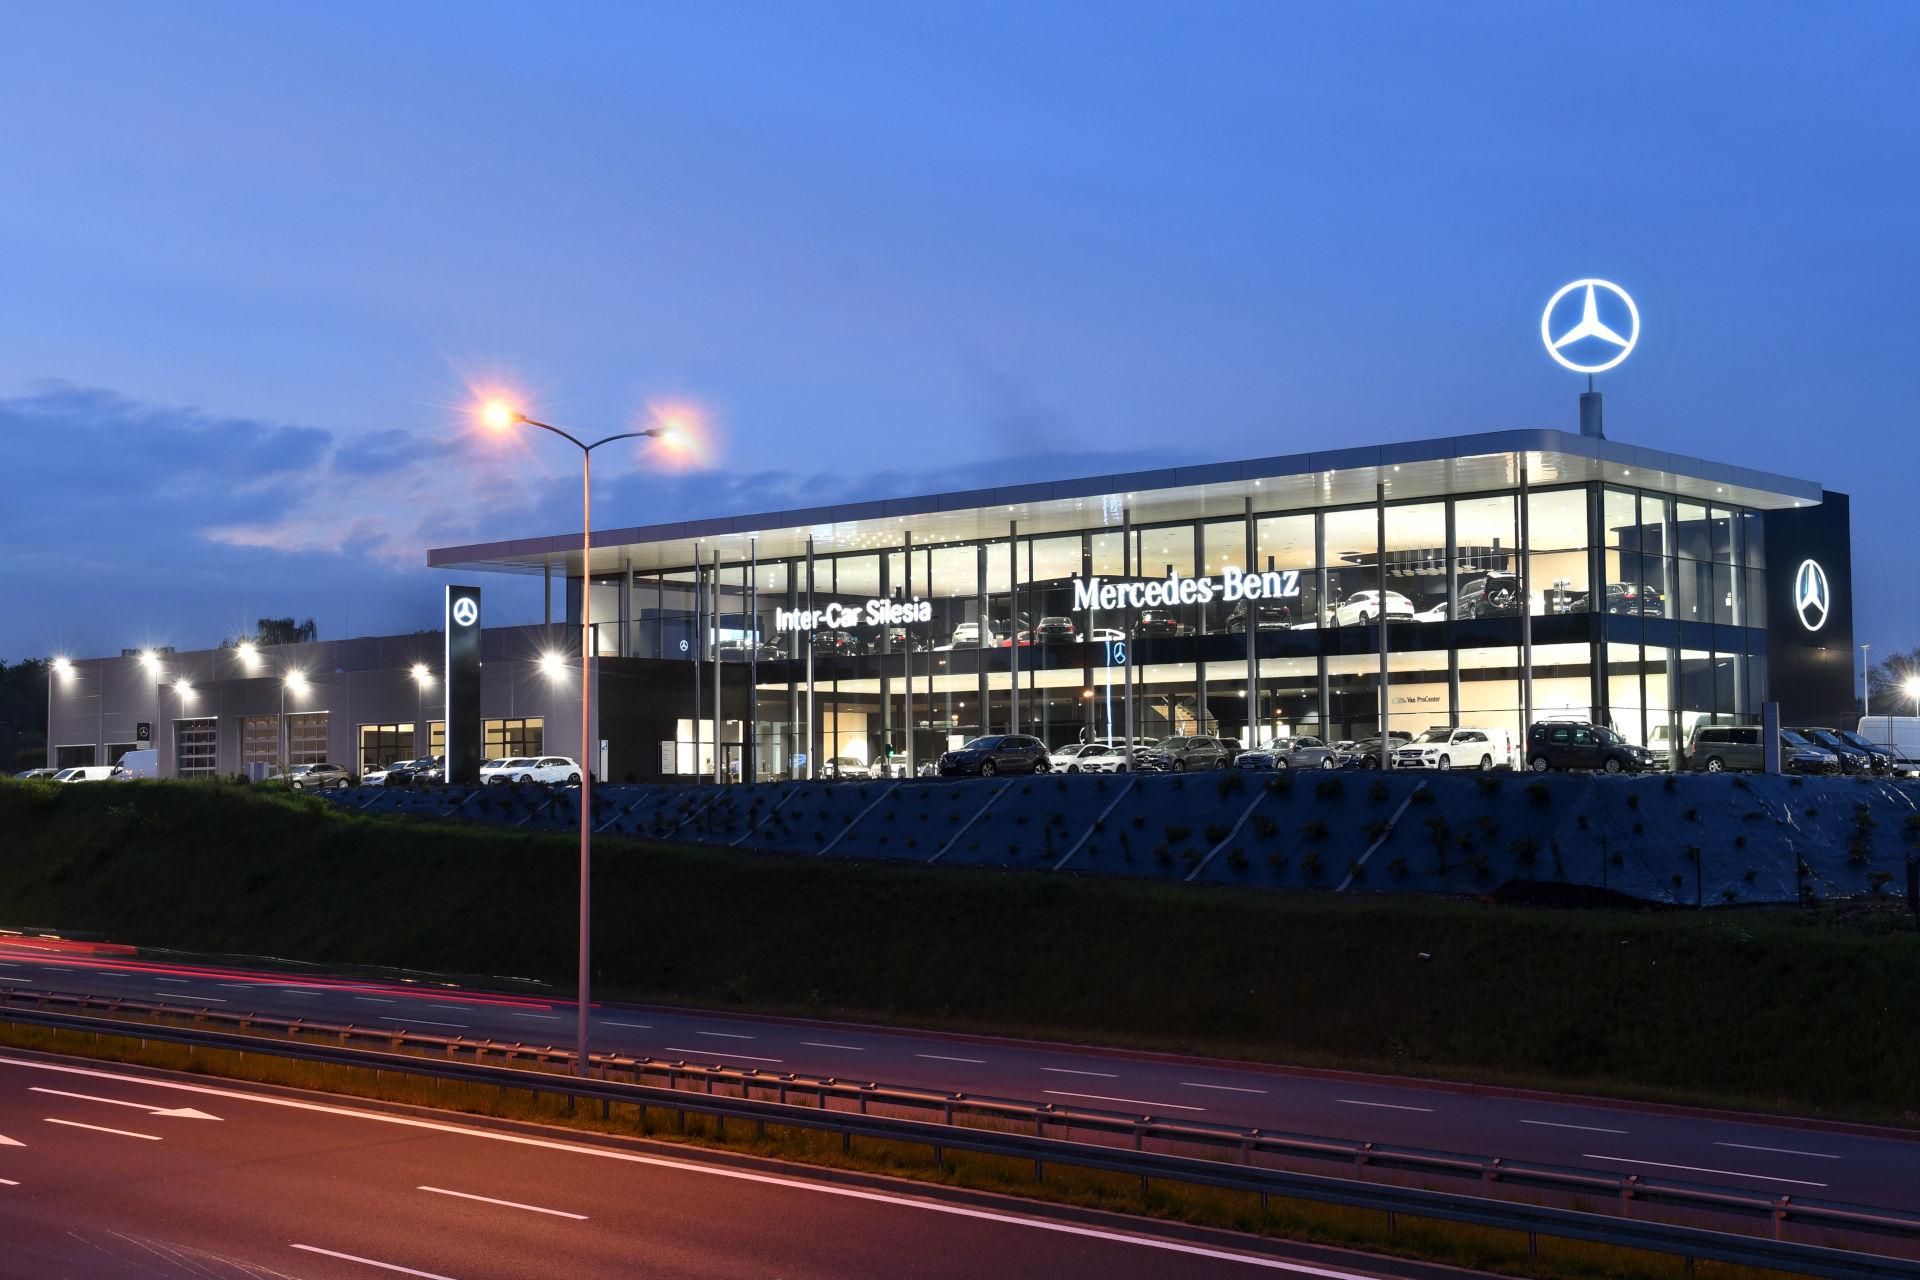 Kamiński - Budownictwo. Budownictwo generalne wykonawstwo, Budowa salonu samochodowego, Mercedes-Benz w Rudzie Śląskiej